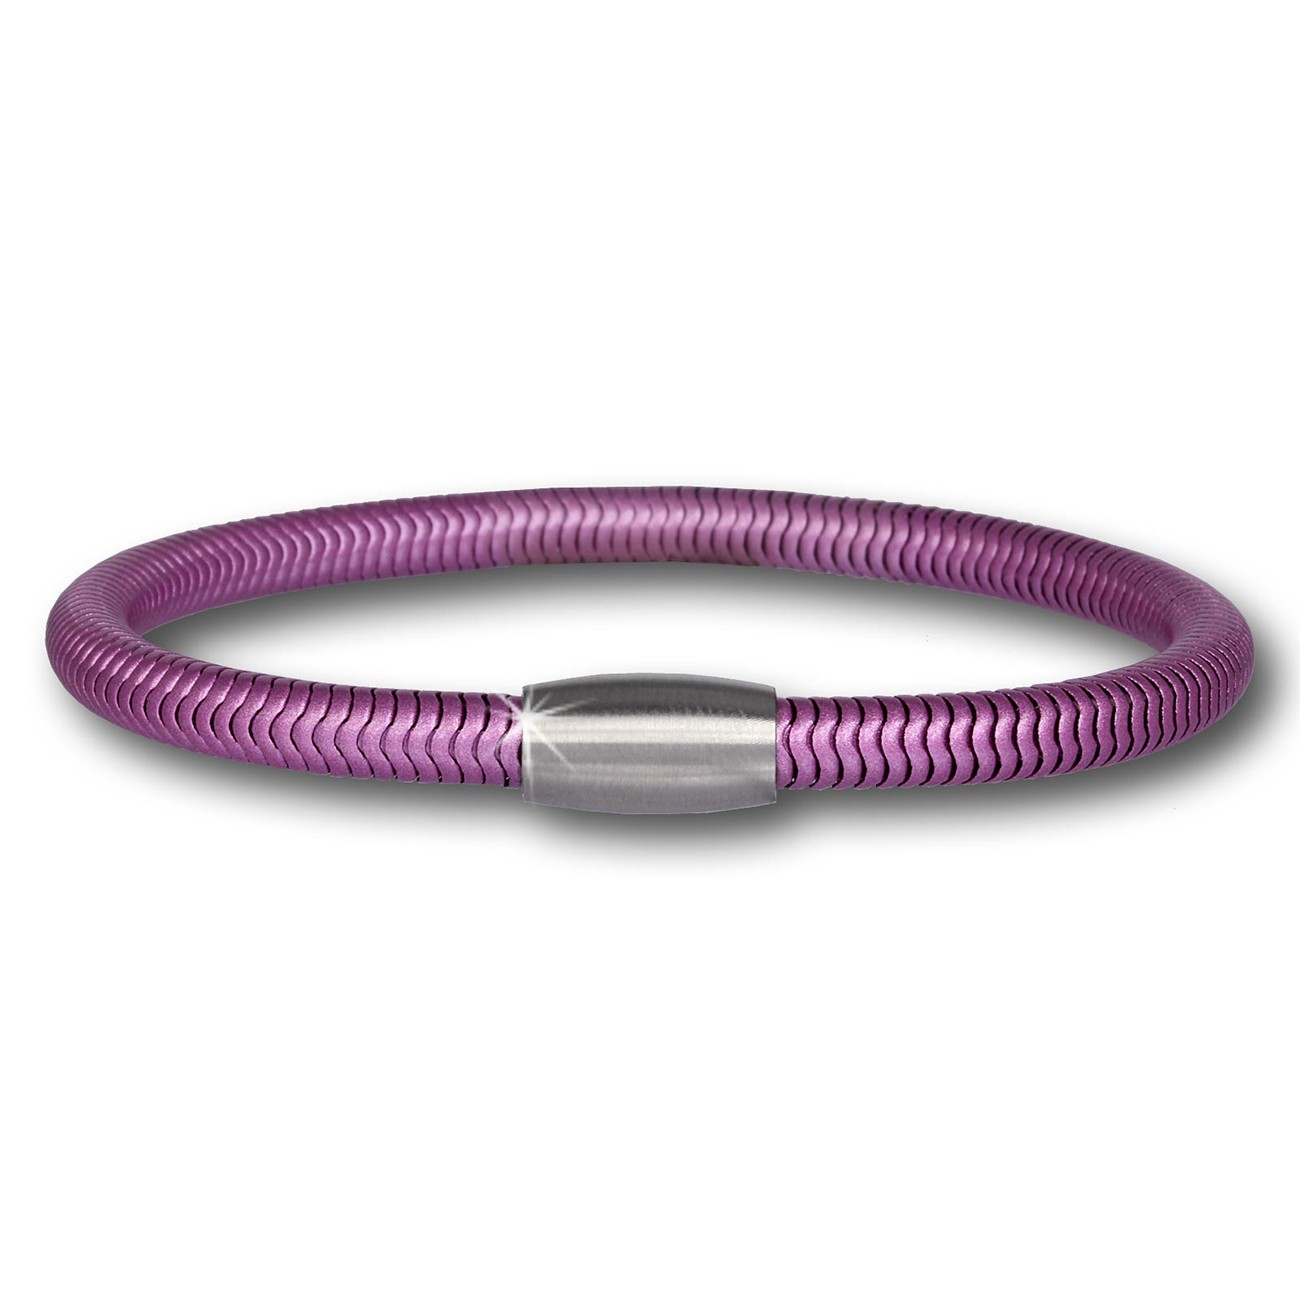 SilberDream Damen Armband Schlange flieder mit Stahlverschluss SDA500A